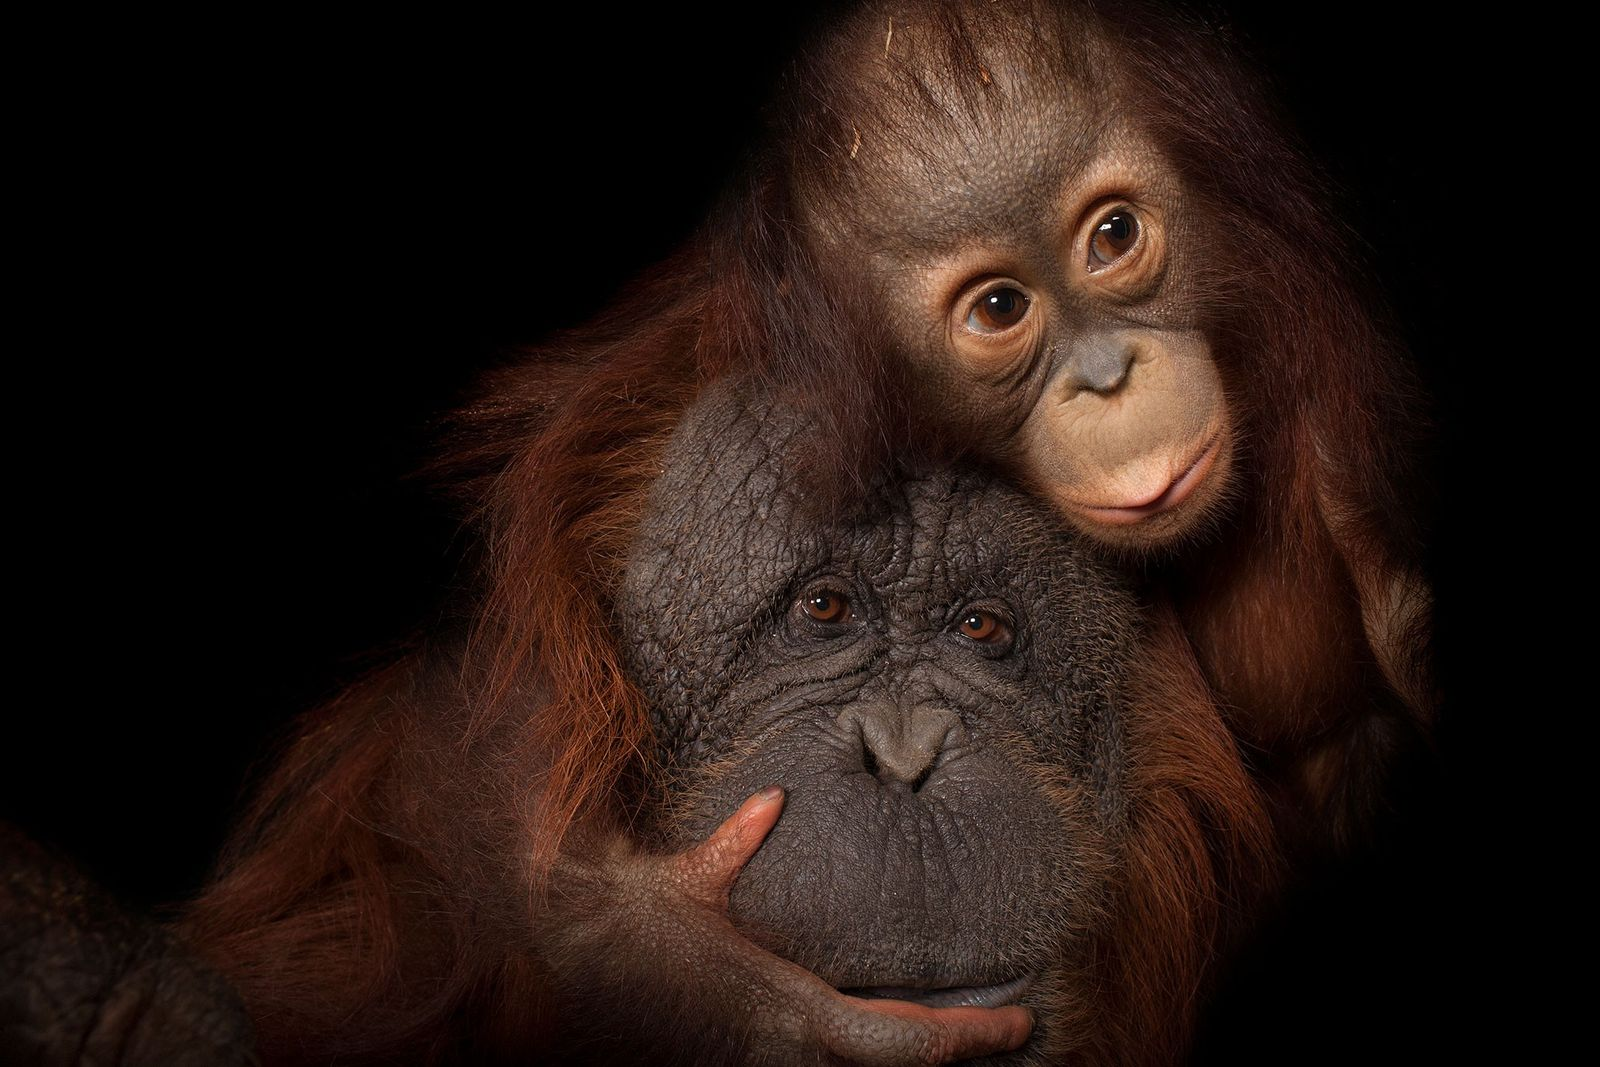 Ein junger Borneo-Orang-Utan mit seiner Adoptivmutter. Die Primaten sind vom Aussterben bedroht.